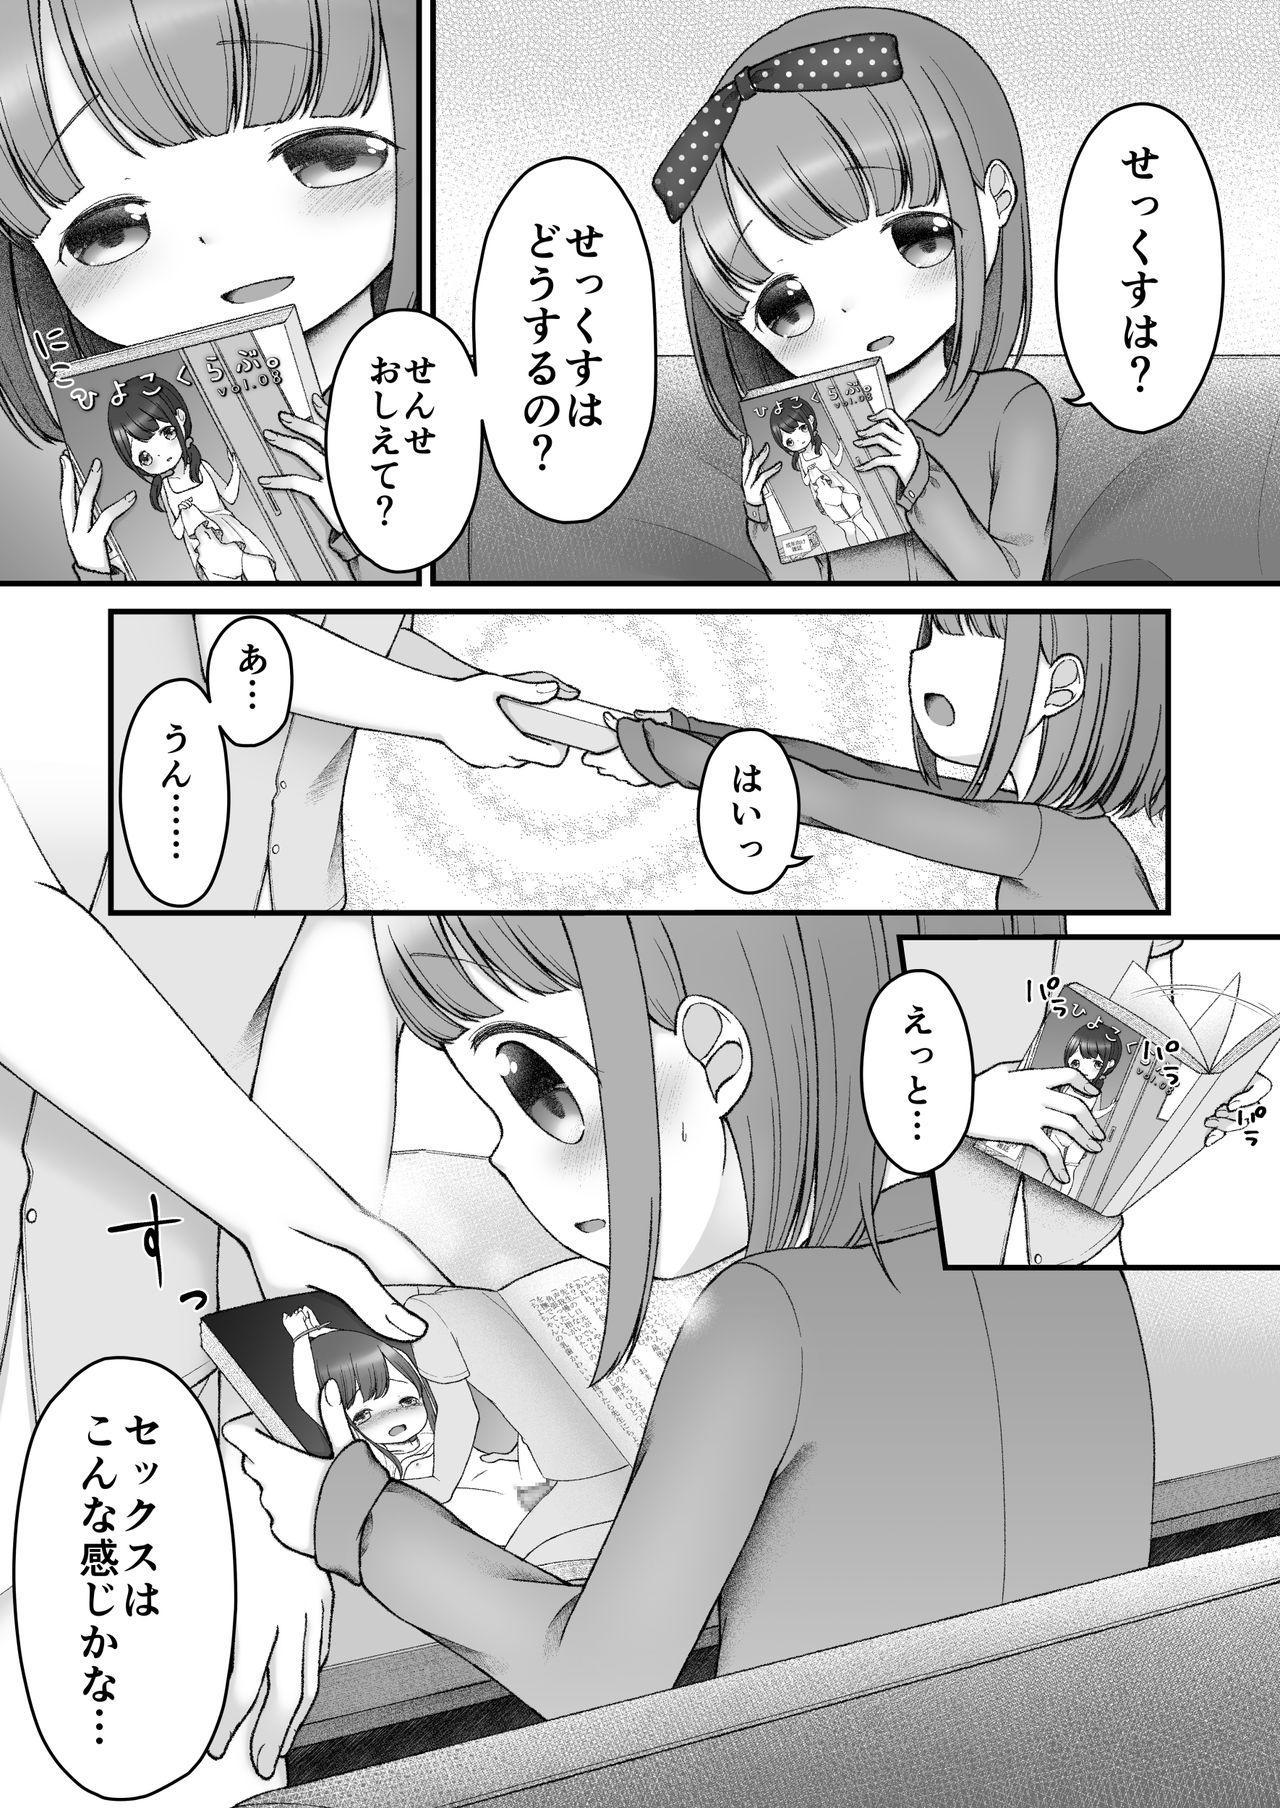 Ehon no Kuni no Arisu 13